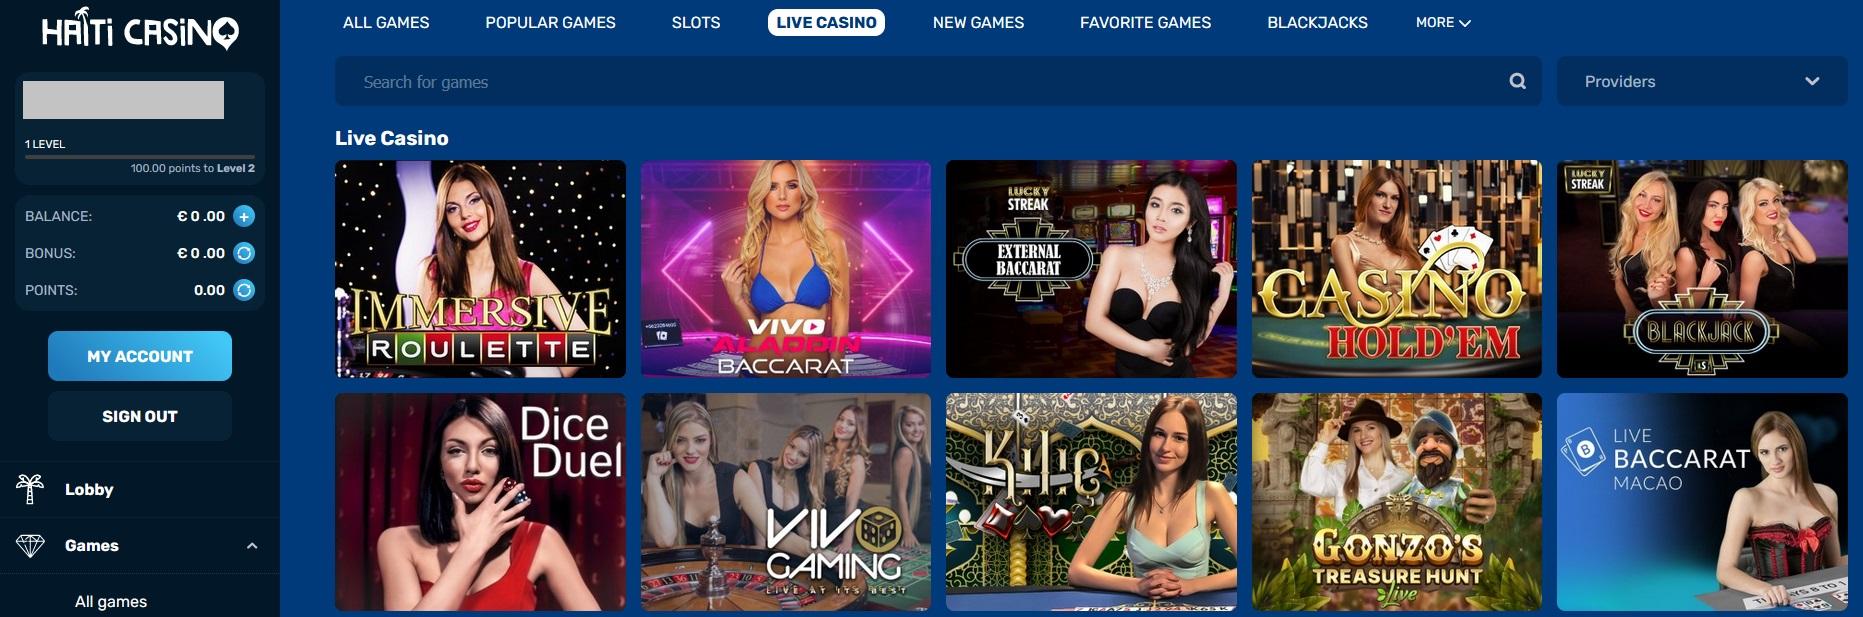 haitiwin casino review